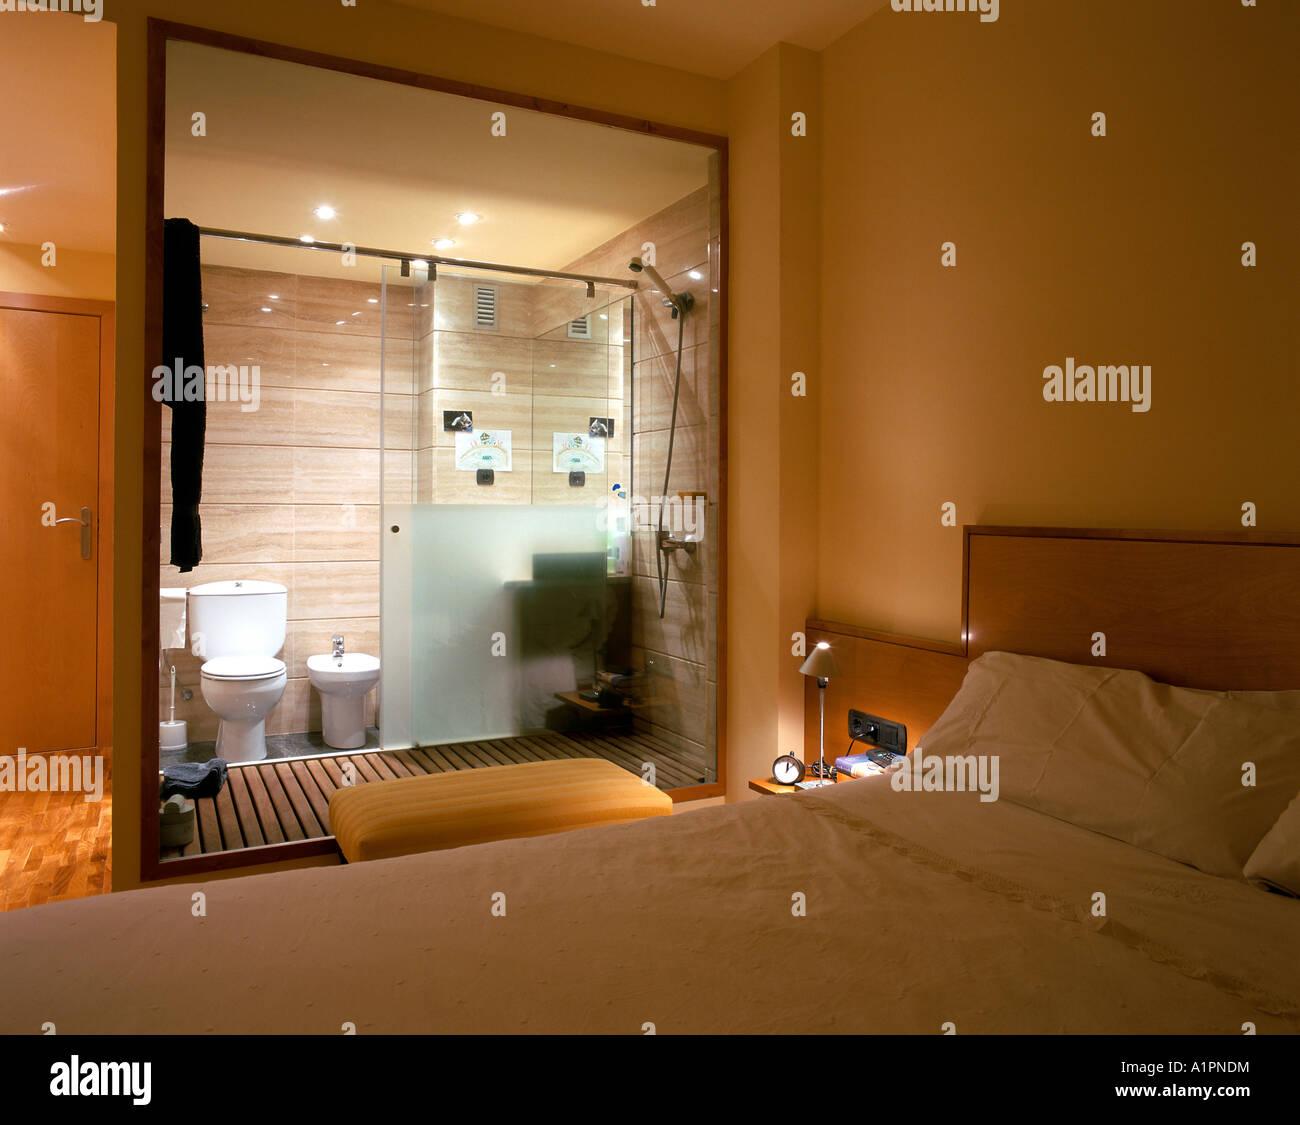 Chambre Et Salle De Bain Attenante vue d'une chambre avec une salle de bains attenante banque d